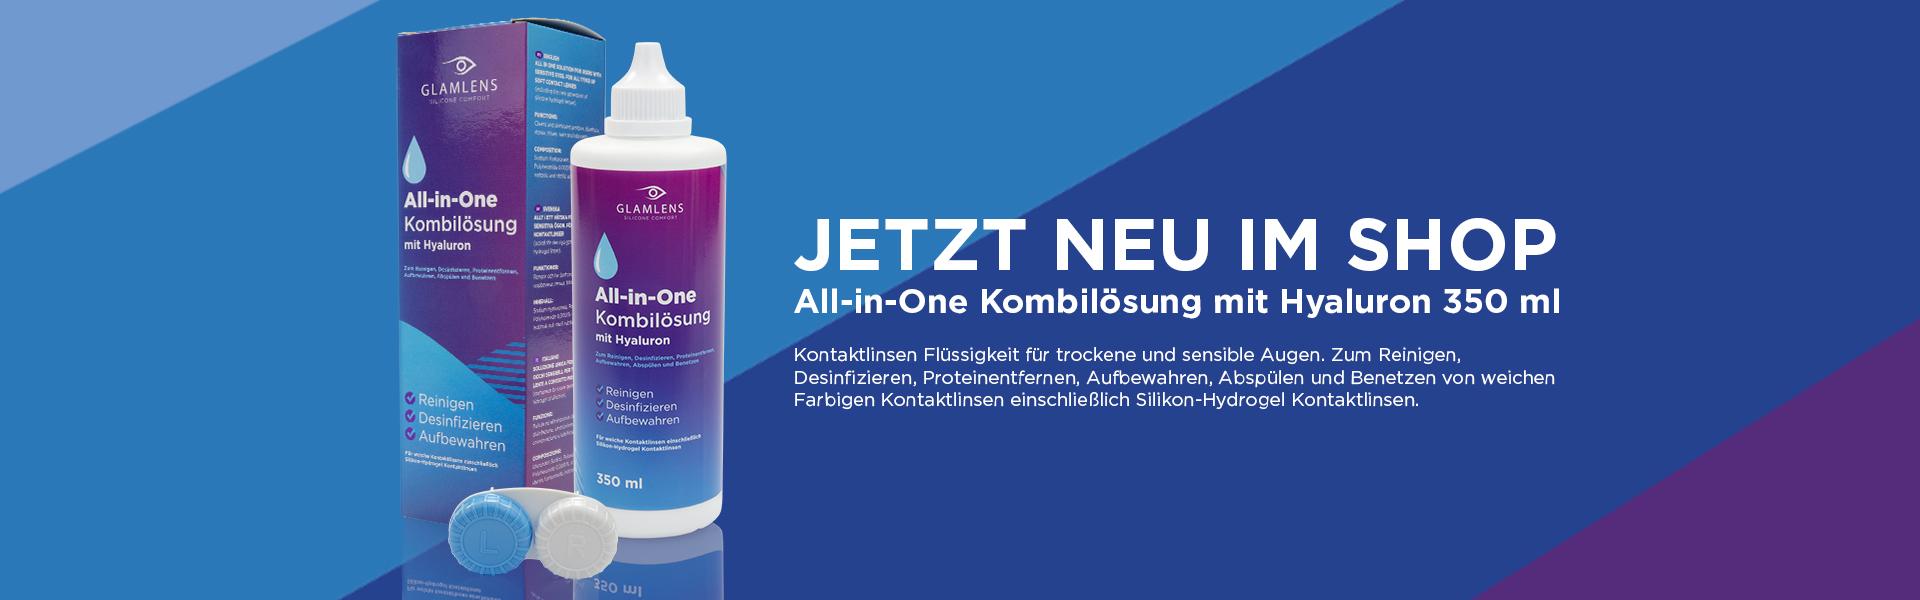 All-in-One Kombilösung mit Hyaluron 350 ml